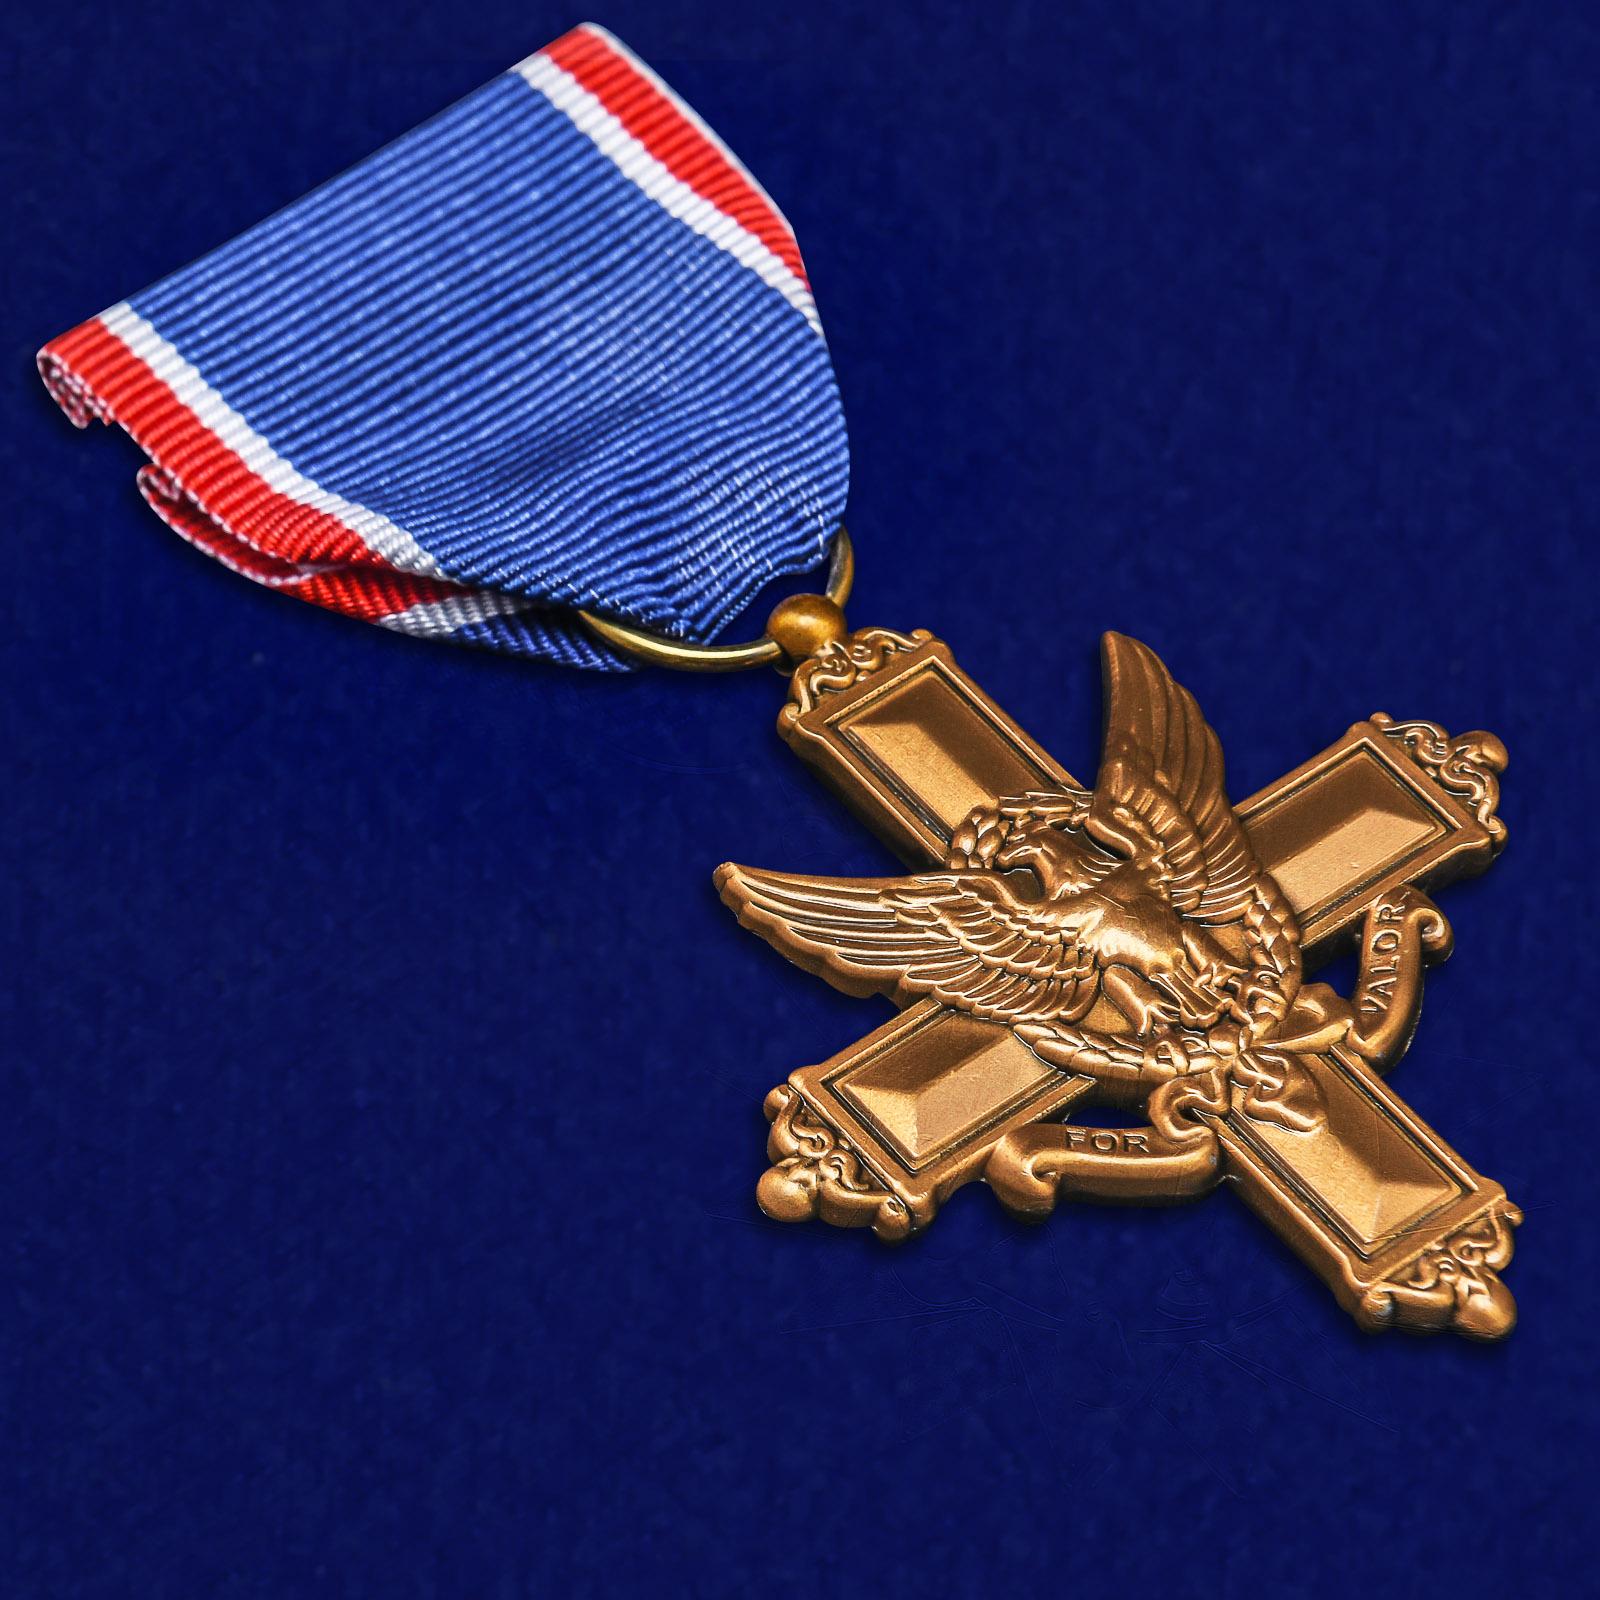 Американский латунный Крест За выдающиеся заслуги - общий вид